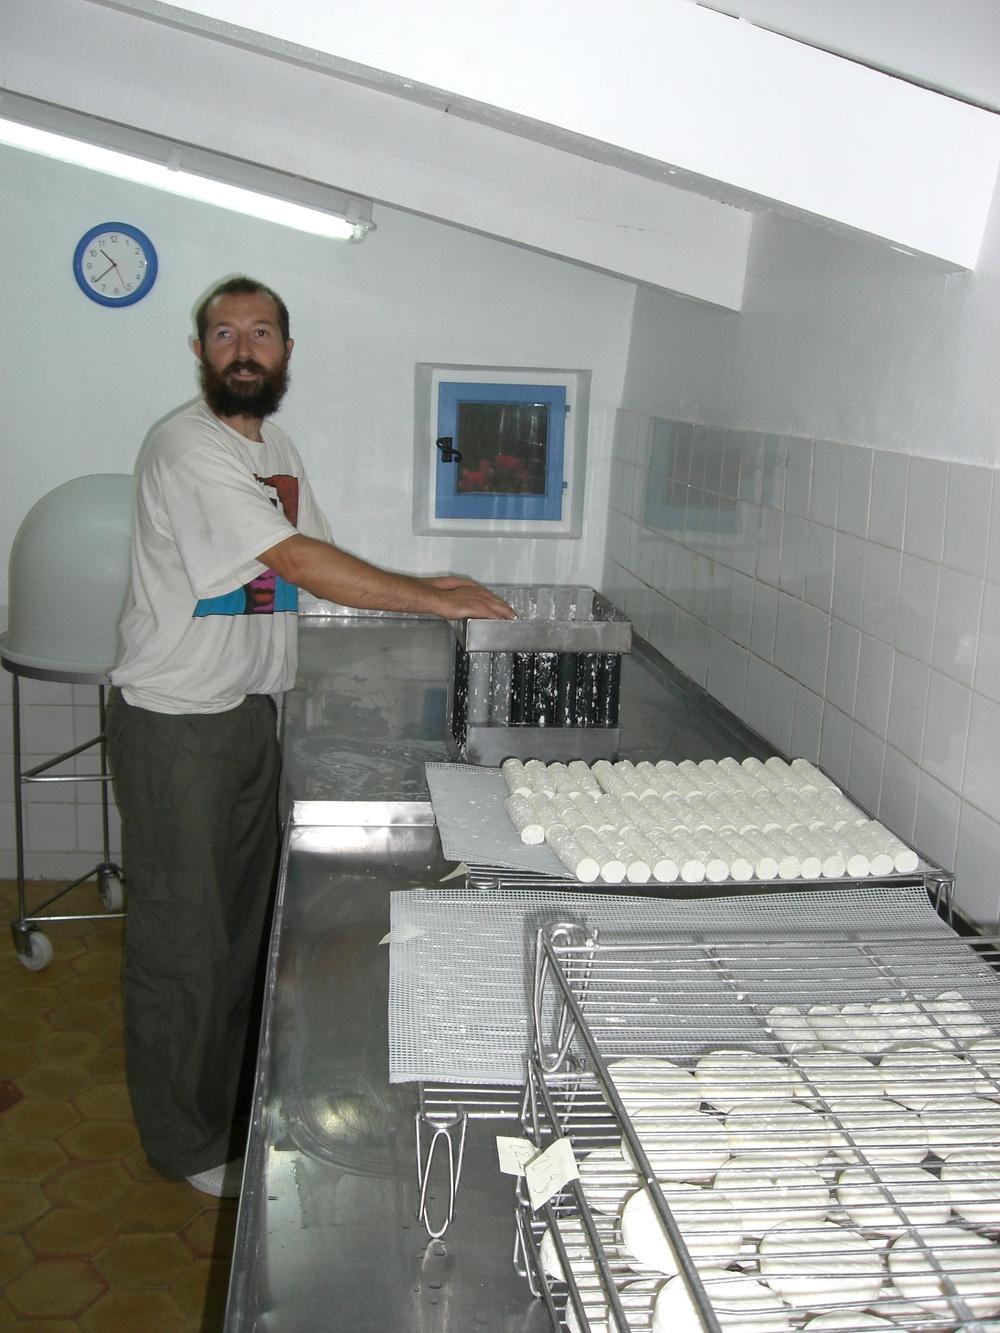 Mr Masto and freshly made Buchettes on the draining rack